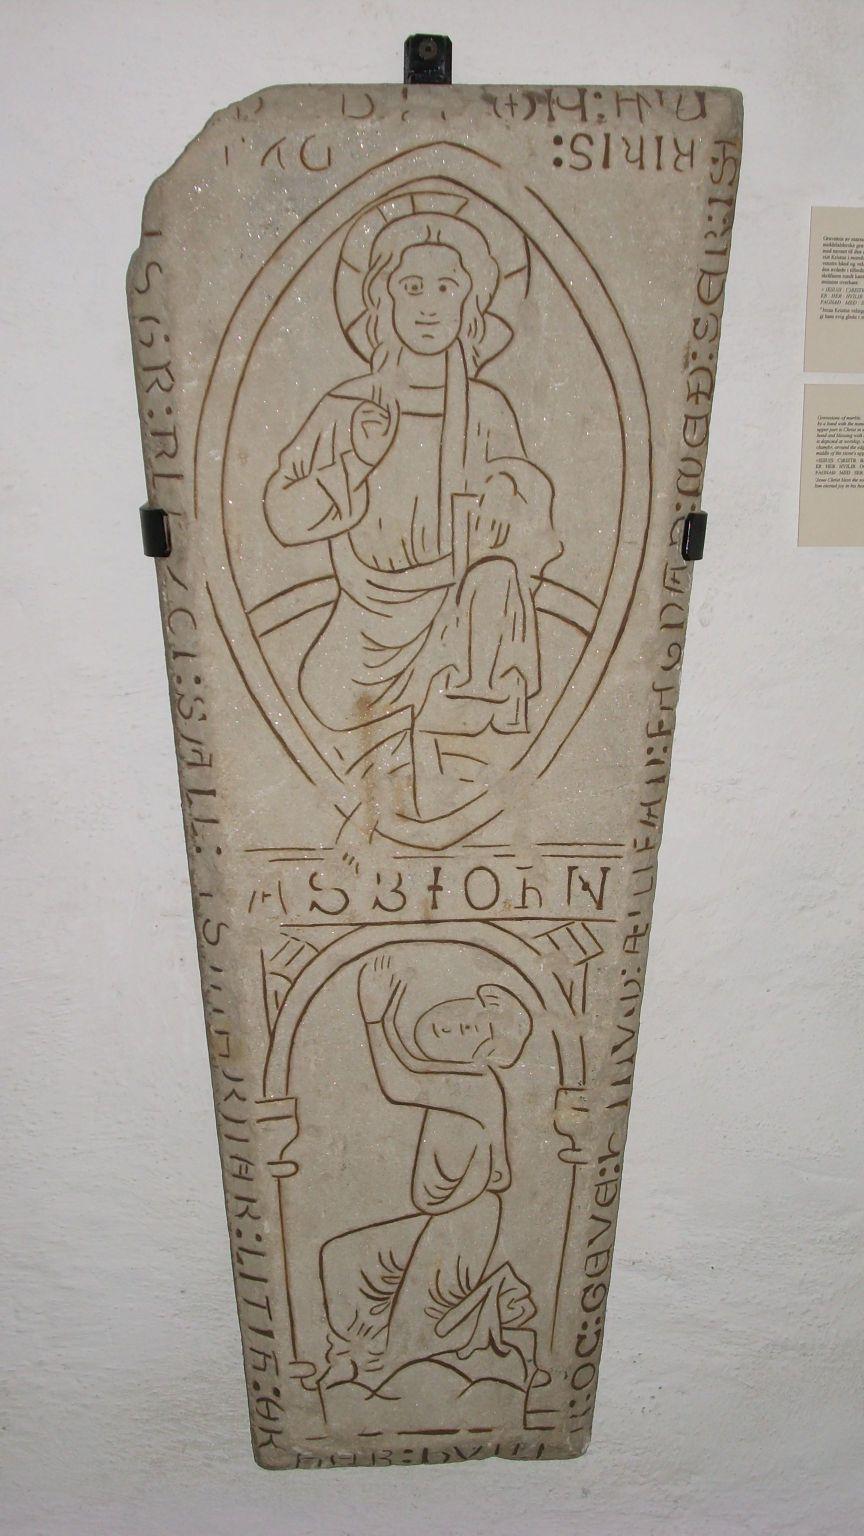 Nadgrobni kamen iz kripte katedrale Nidaros